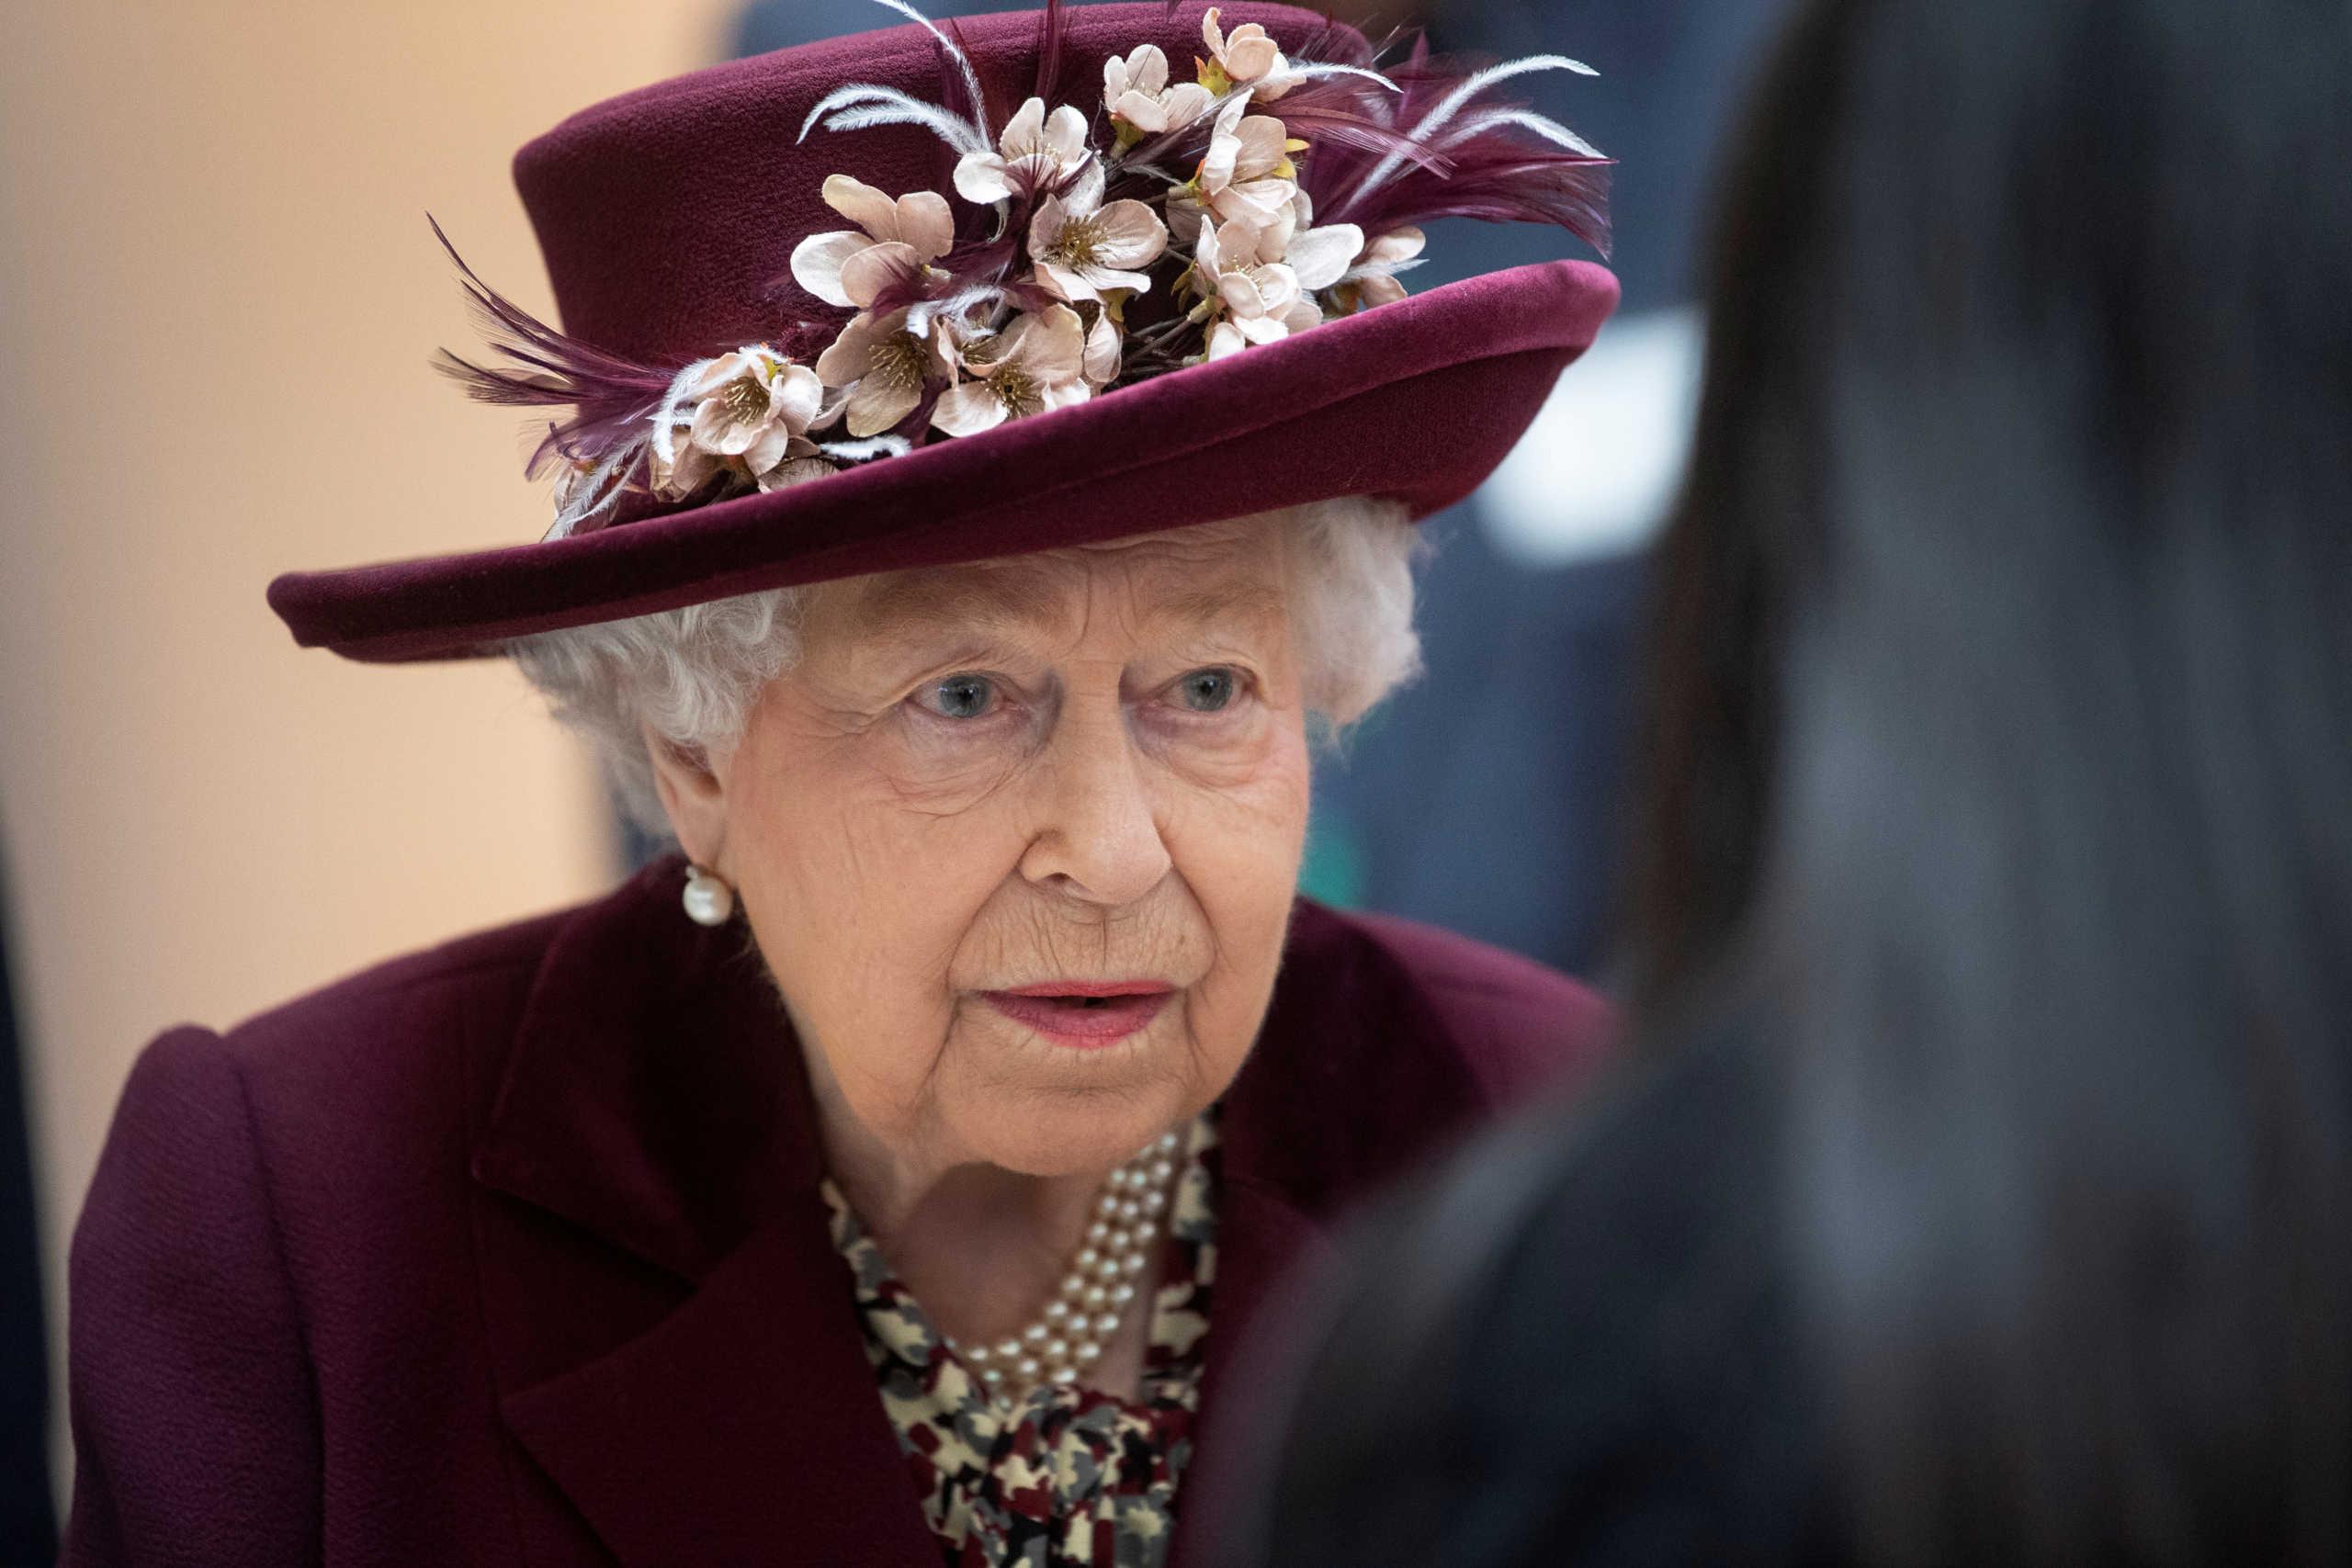 Βασίλισσα Ελισάβετ: Αυτό κάνει κάθε βράδυ πριν πέσει για ύπνο